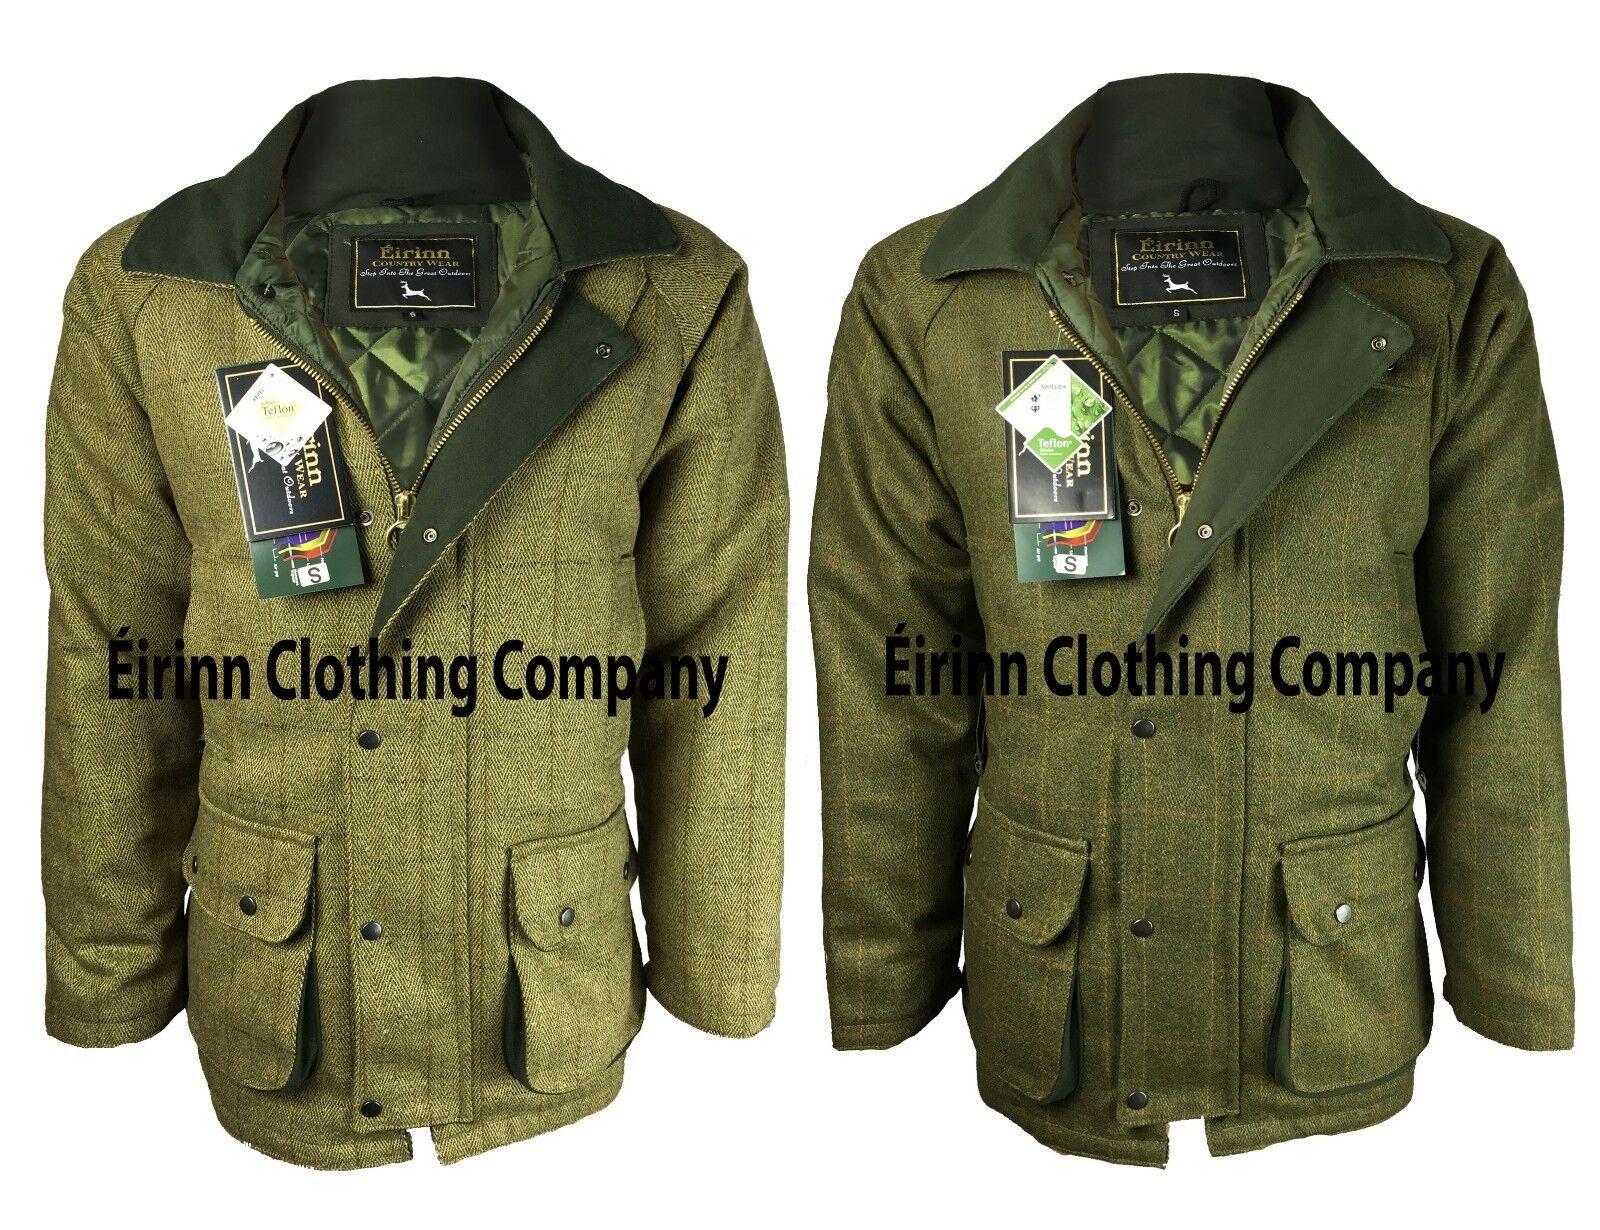 De los hombres eirinn Country  Wear Chaqueta De Tweed Derby De Teflón Abrigo de disparo de caza  ¡No dudes! ¡Compra ahora!